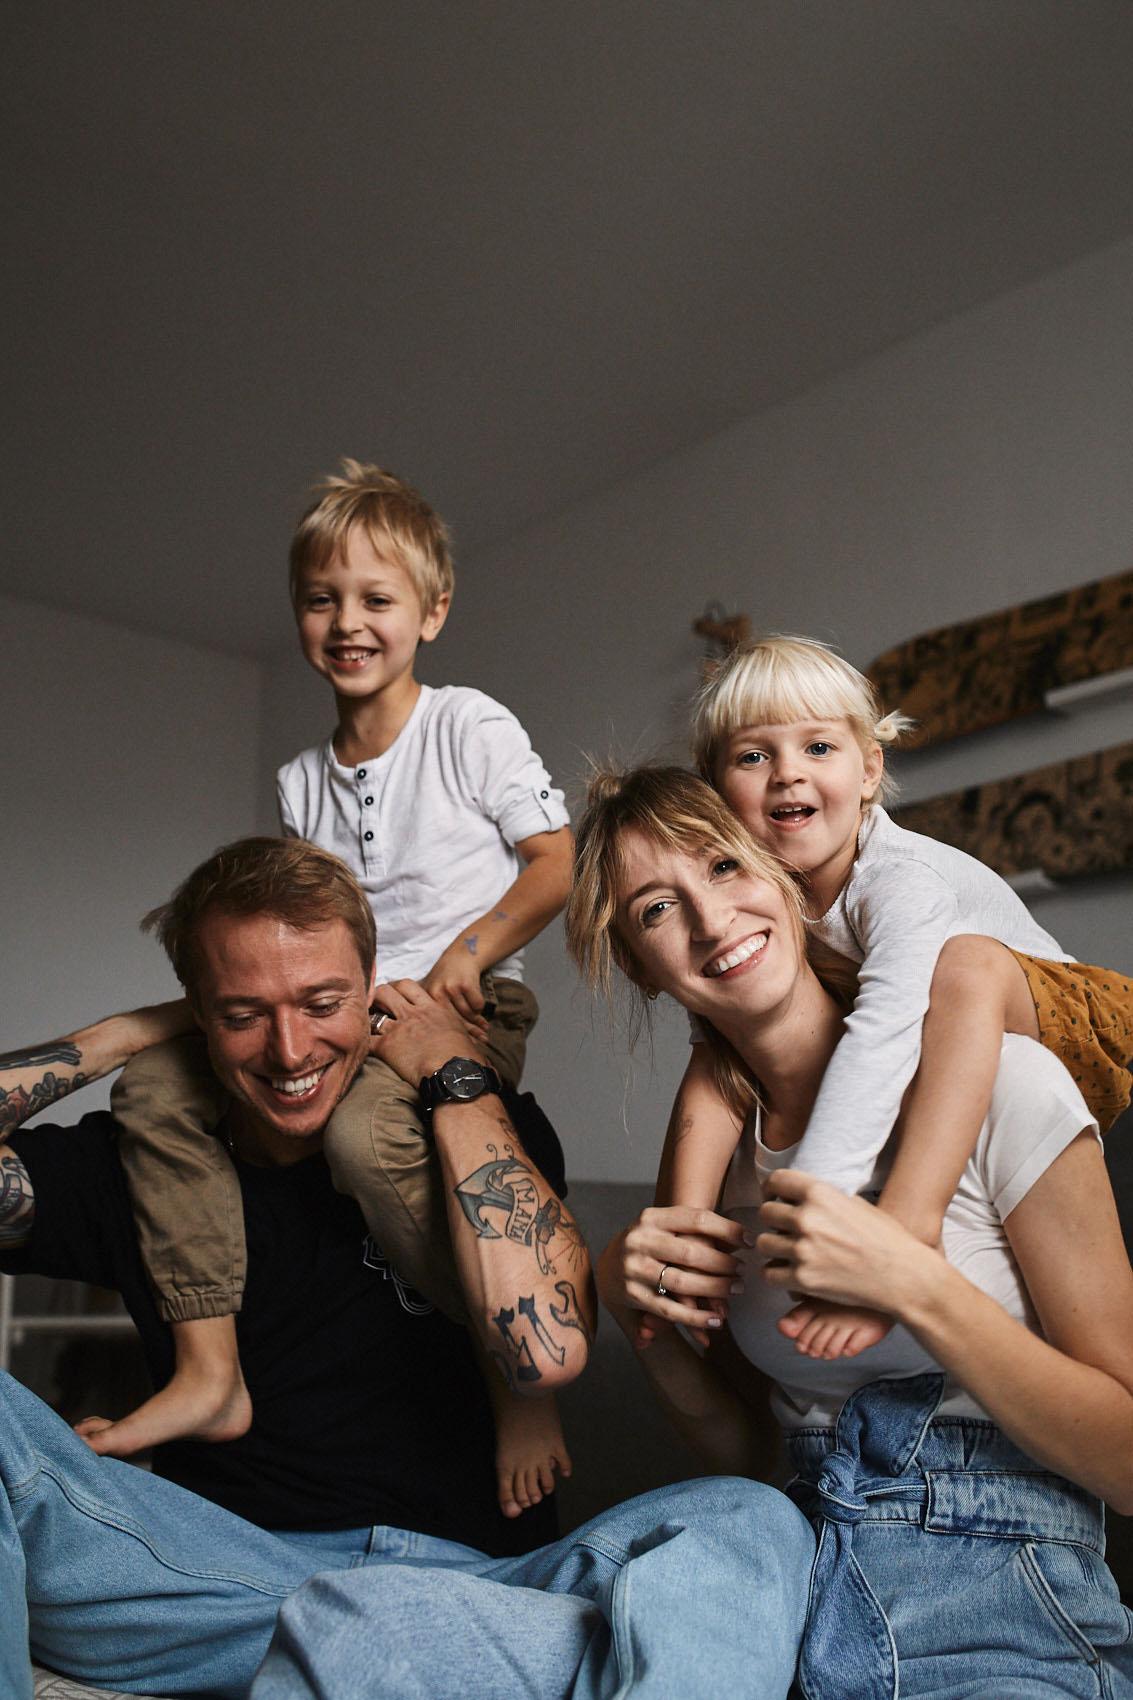 portret rodzinny sesja lifestyle warszawa